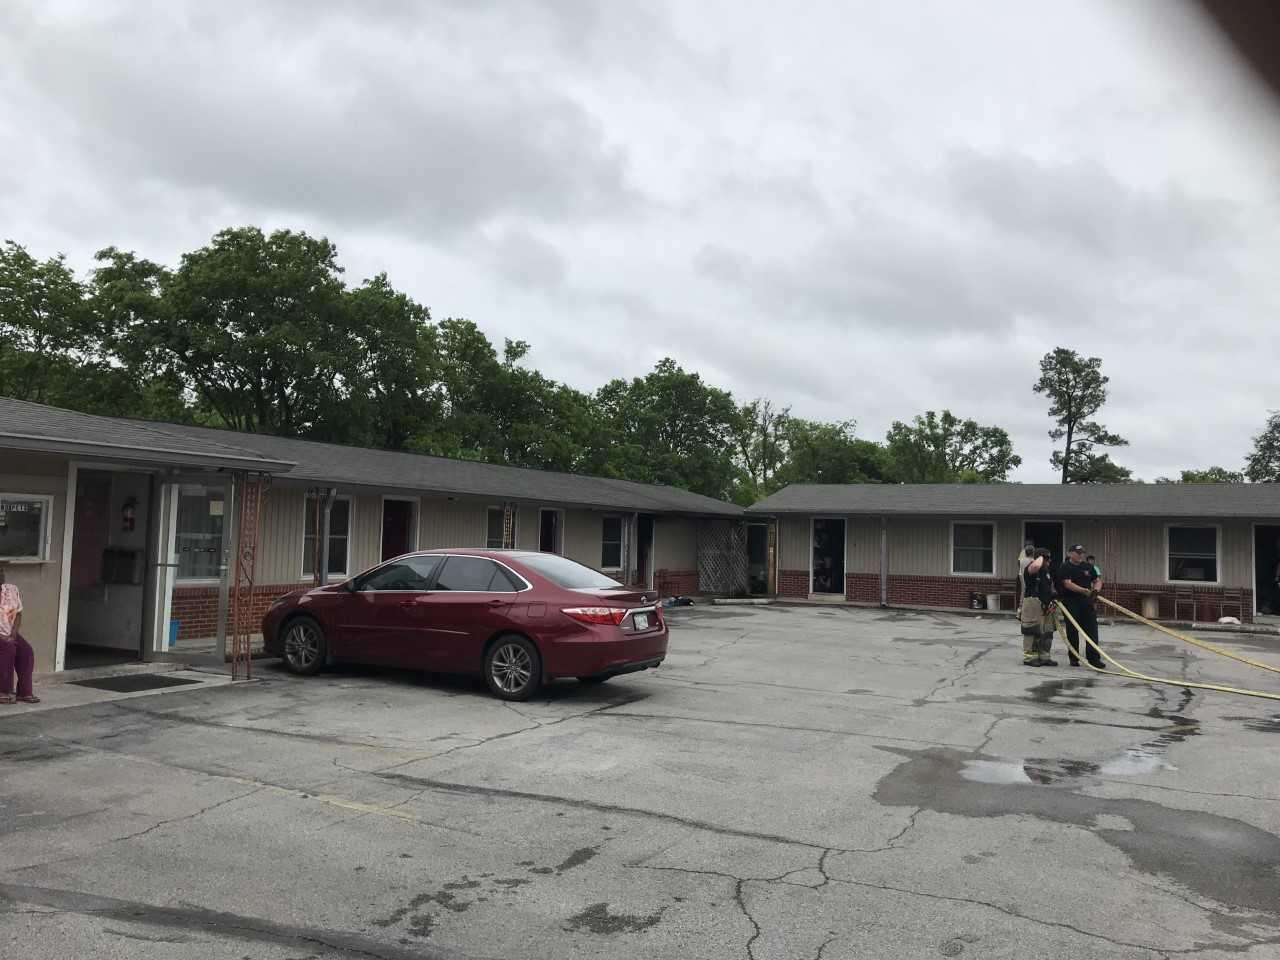 murfreesboro motel_1557455817044.jpg.jpg